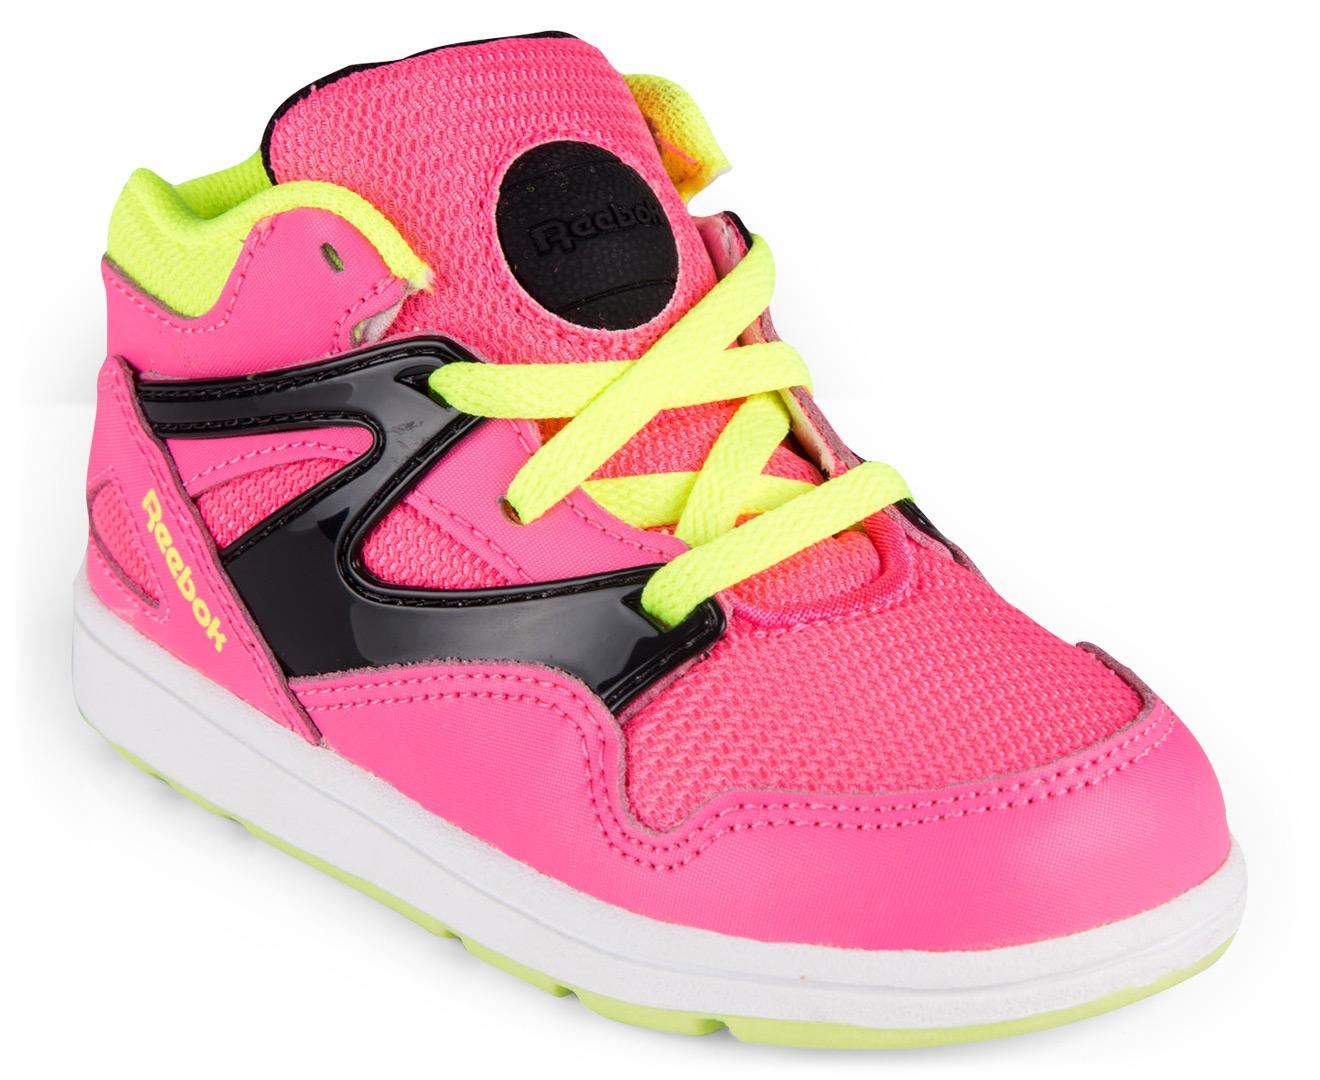 44fe593eed5f7 Reebok Toddler  Versa Pump Omni Lite Shoe - Pink Black Yellow White ...